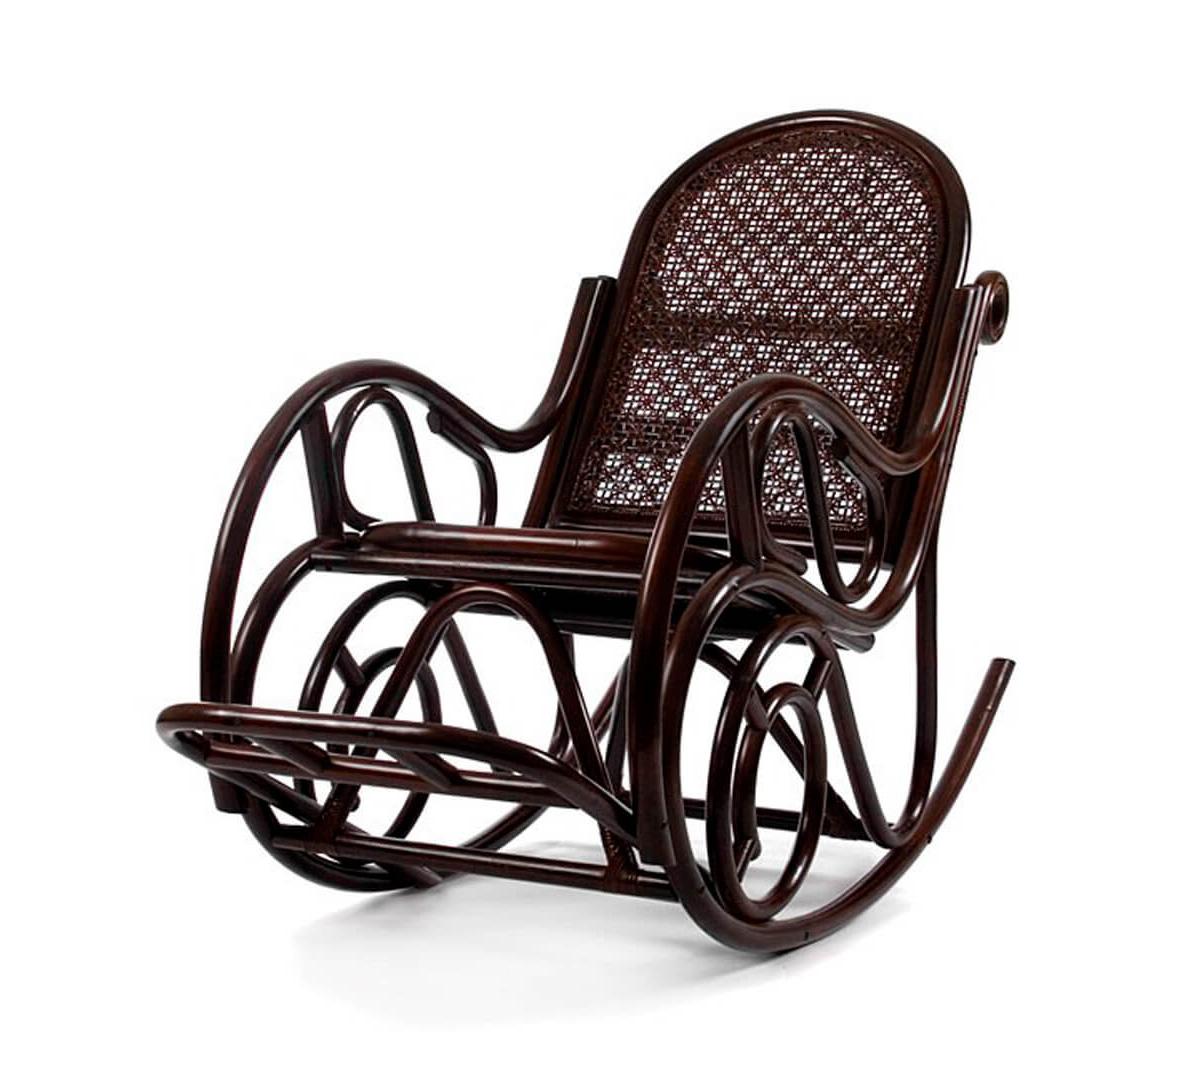 Кресло-качалка Moscow